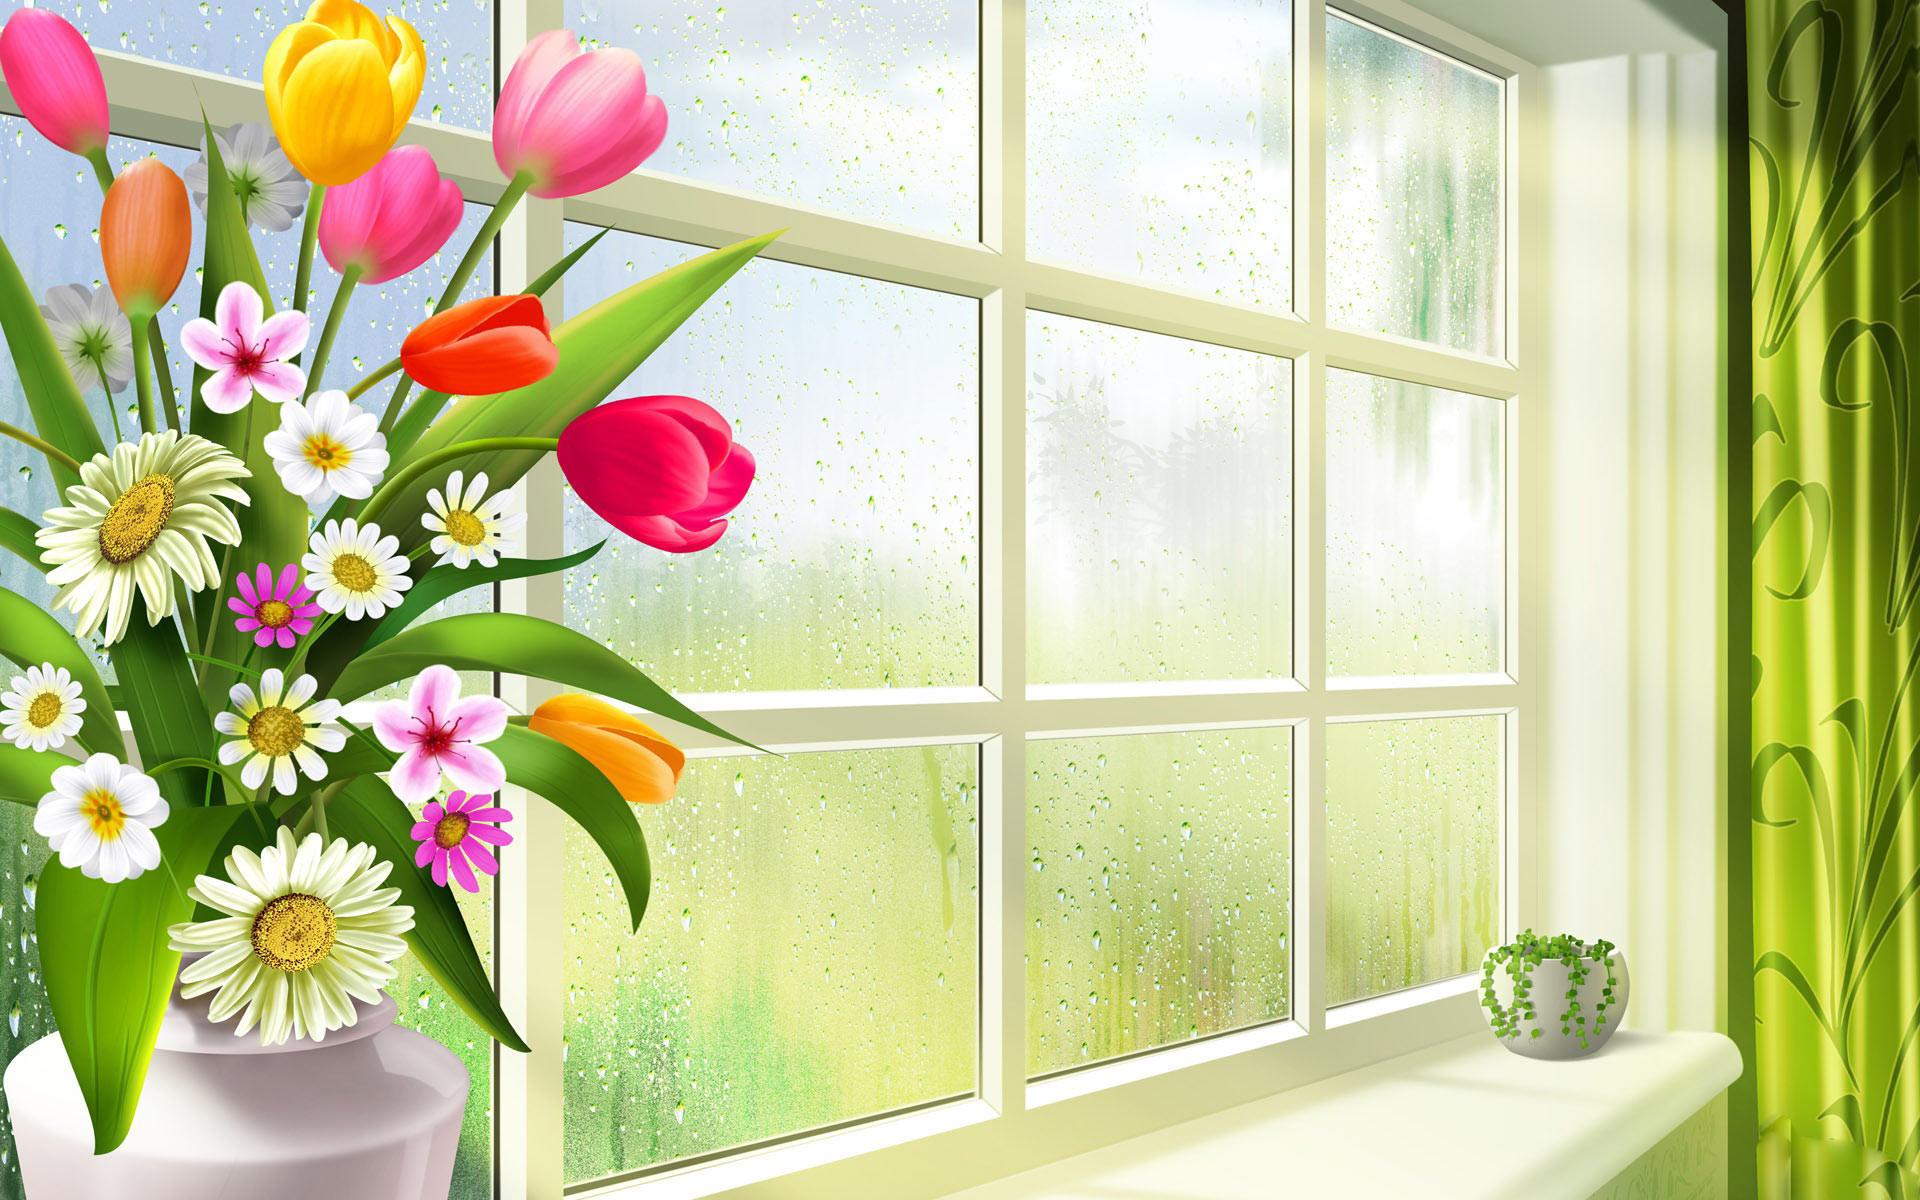 Spring Desktop Backgrounds 72 images 1920x1200